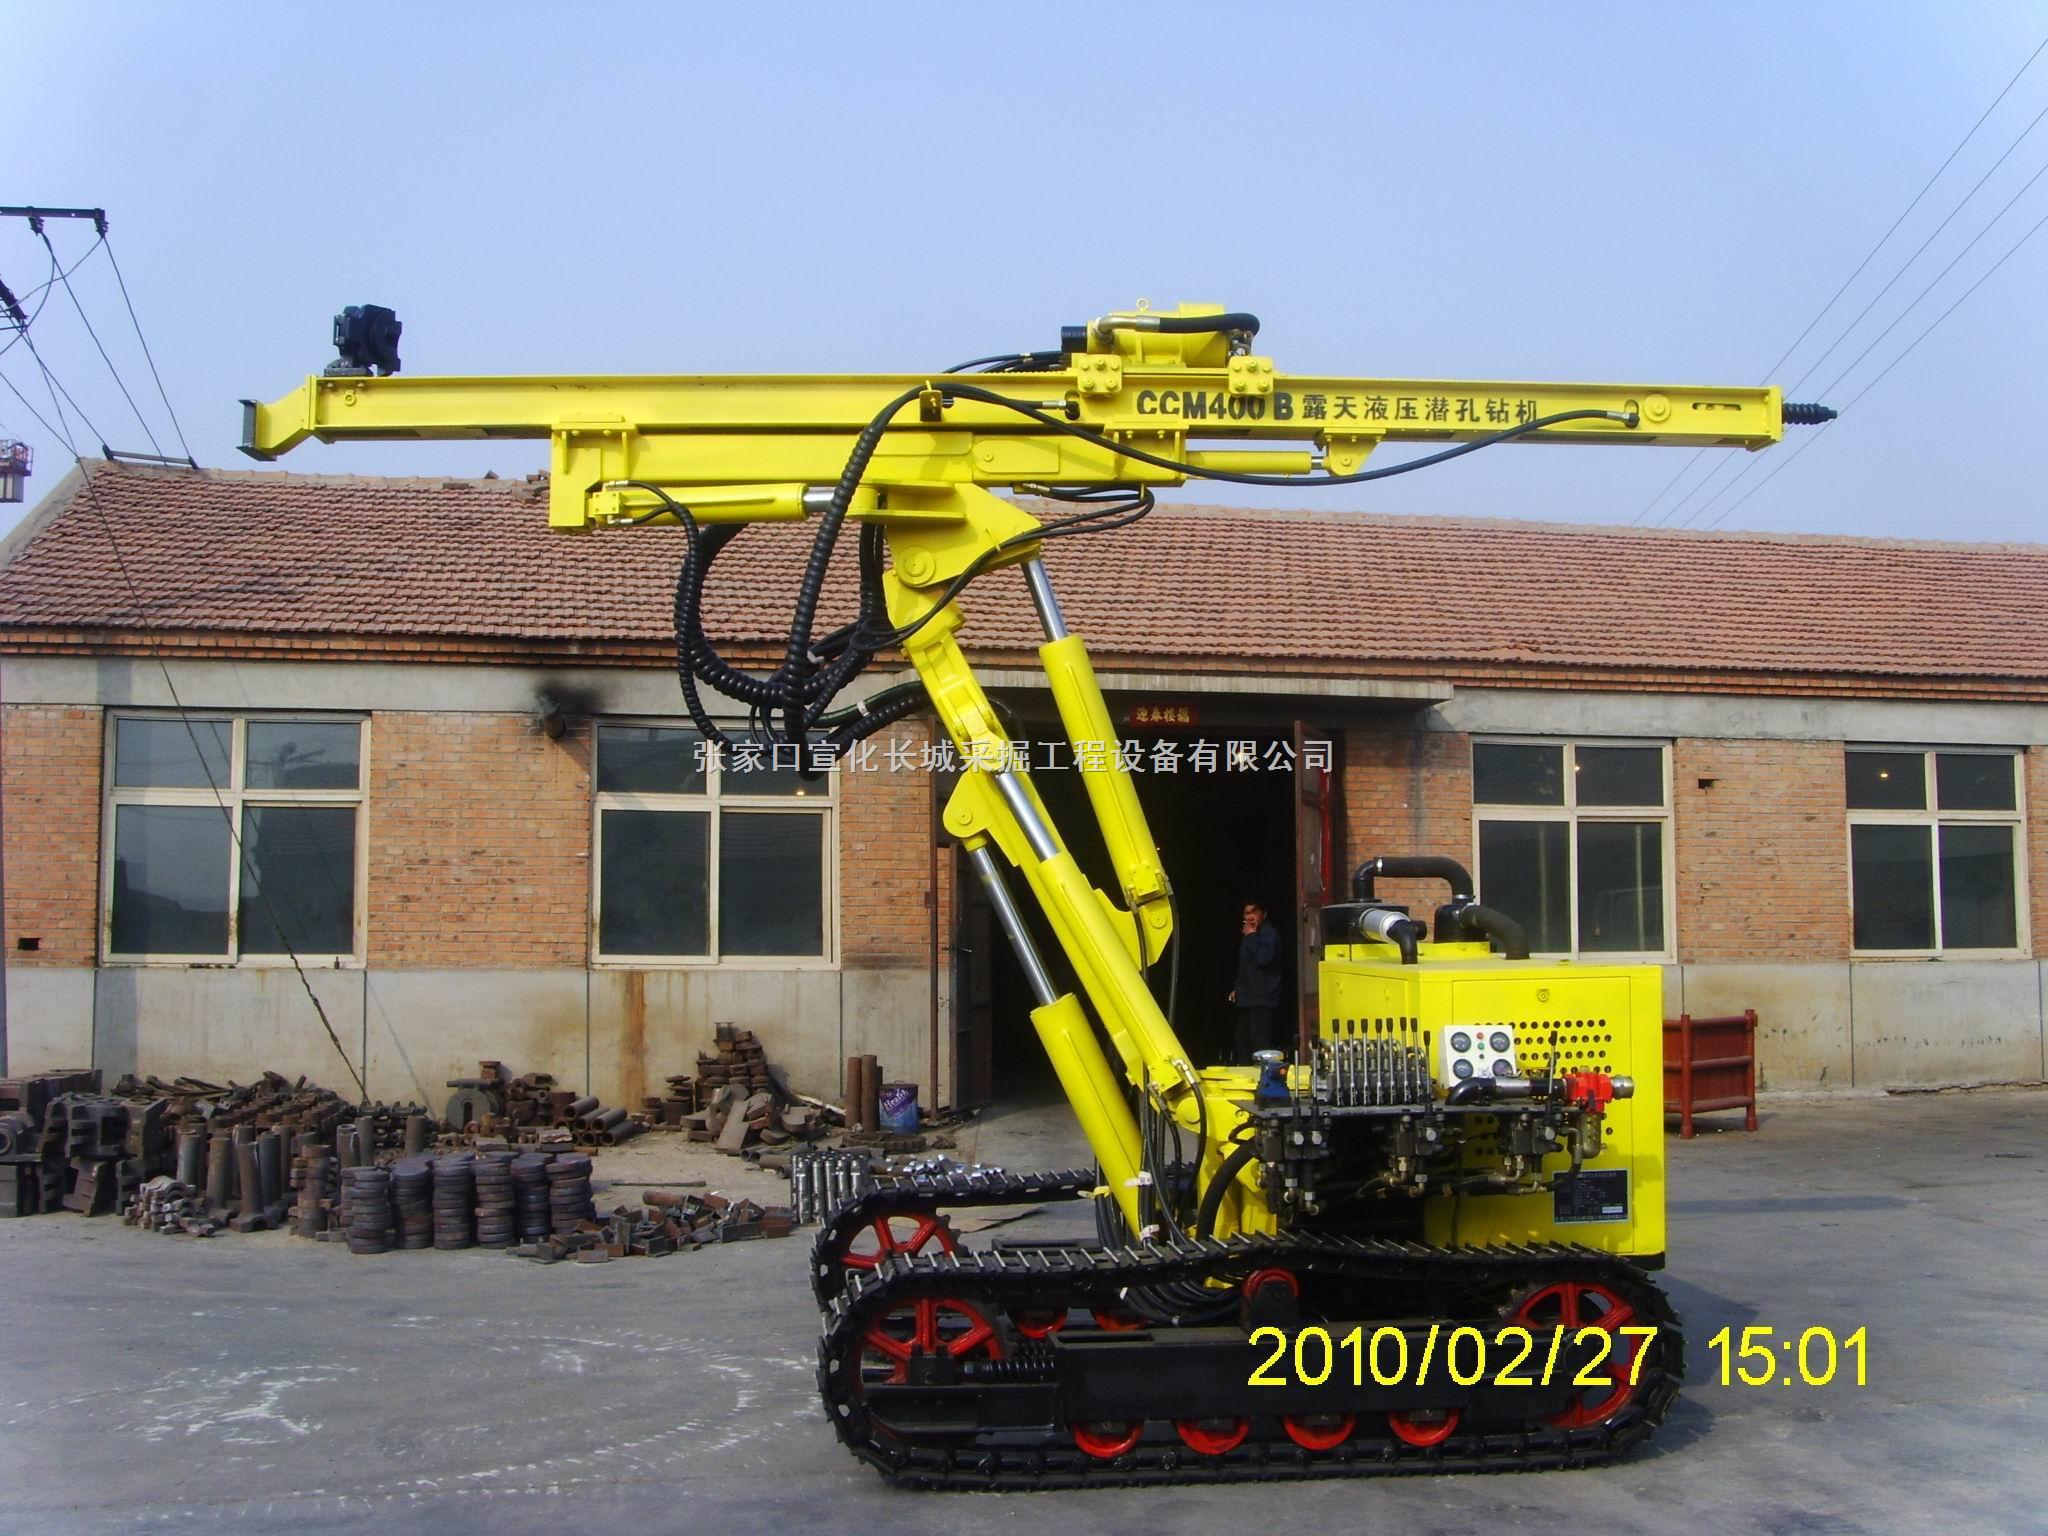 CCM400B-管棚钻机宣化钻机潜孔钻机